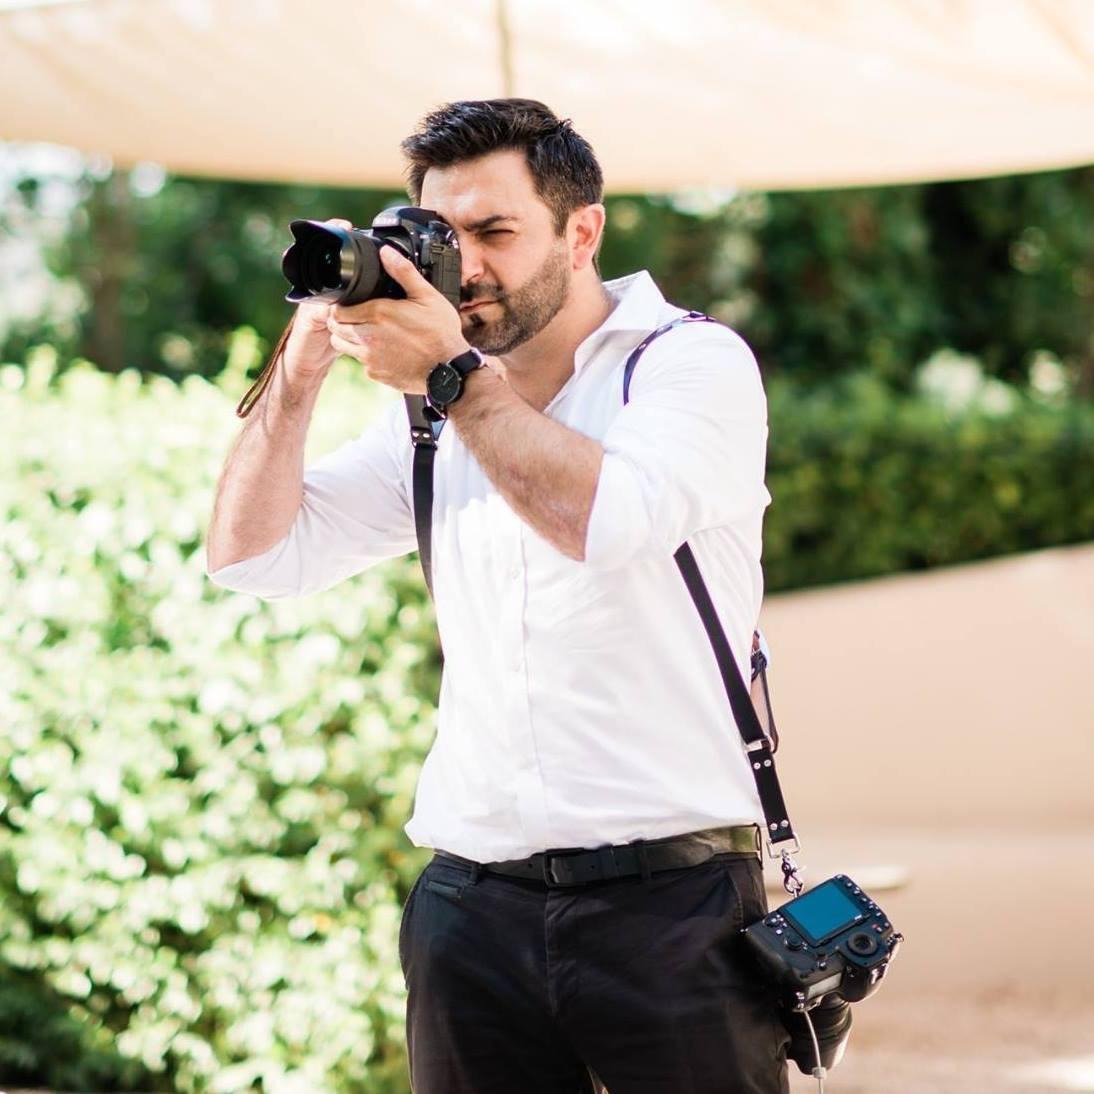 """Christophe Serrano, Fine Art Wedding Photographer  From Toulon, France Available Worldwide   """"Photographe de mariage basé en Provence, je suis en mouvement à travers la France, l'Europe et à l'international. J'attache une grande importance à la création d'un climat de confiance, complice, simple. De nature bout-en-train, je prends facilement la main si le besoin s'en fait sentir le jour J. Bien plus qu'un photographe, je serais votre complice, celui qui vous accompagnera afin que la magie emplisse votre journée et la rende exceptionnelle."""""""